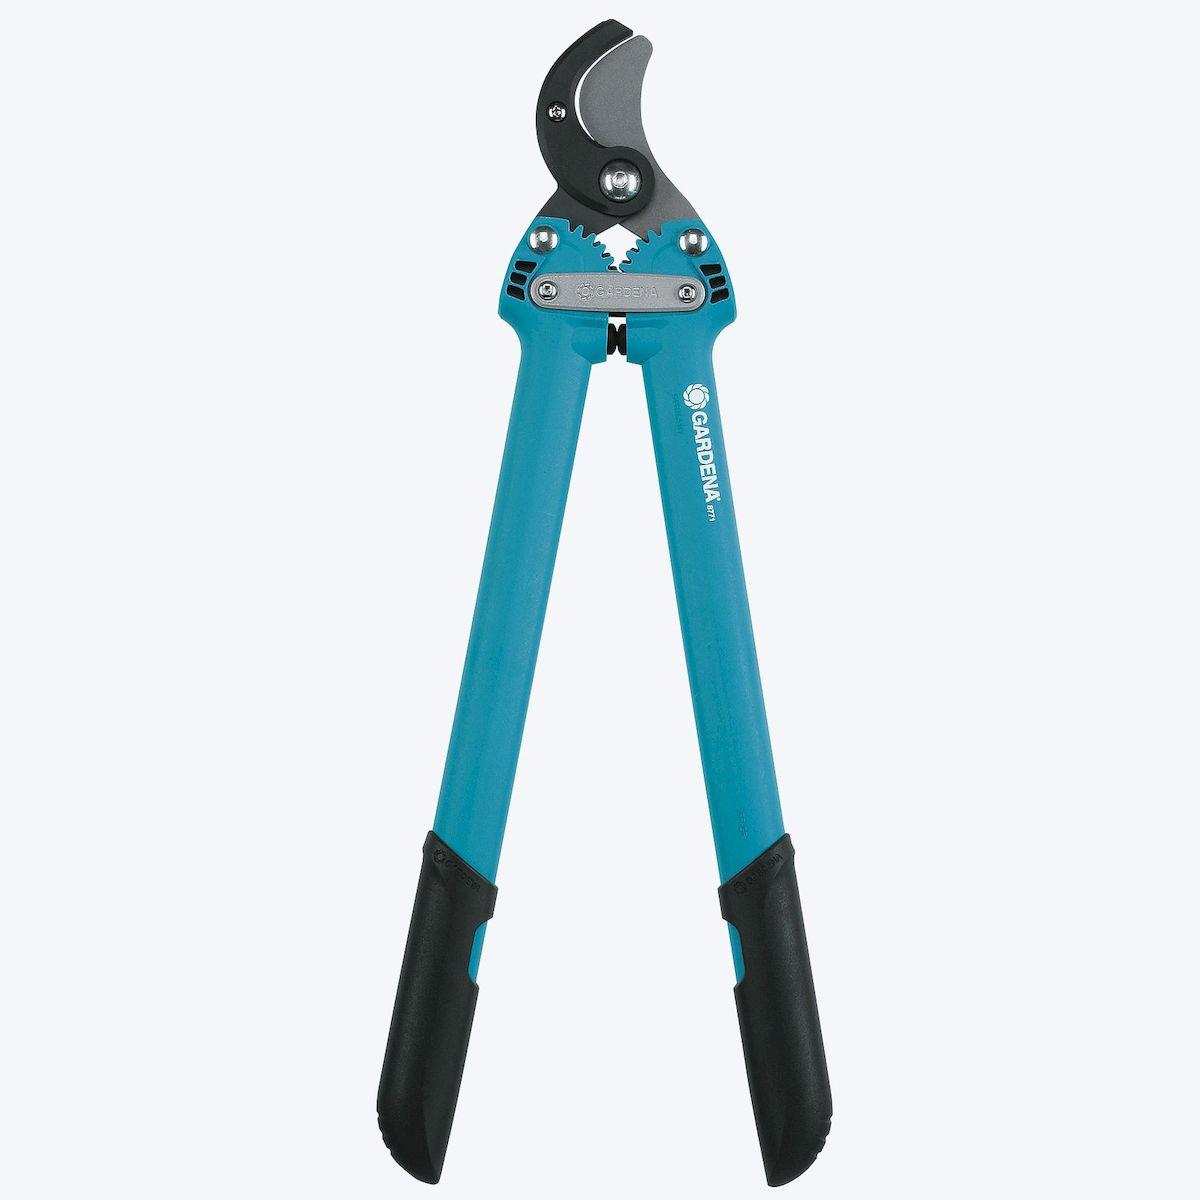 Сучкорез Gardena 500 AL Comfort391602Сучкорез Gardena 500 AL Comfort представляет собой ультралегкий, простой в использовании и мощный инструмент. Он хорошо подходит для обрезки жестких сухих веток диаметром до 35 мм. Запатентованная зубчатая передача увеличивает мощность реза на 38%. Лезвие прецизионной заточки с покрытием от налипания и новая геометрия реза обеспечивают экстраординарно чистую и мягкую обрезку веток. Имеется практичная возможность замены наковаленки. Особо легкие эргономичные ручки и рукоятки из пластика делают работу удобной и неутомительной. Двойные концевые ограничители снижают нагрузку на запястья. Длина сучкореза - 50 см;Вес - 600 г.